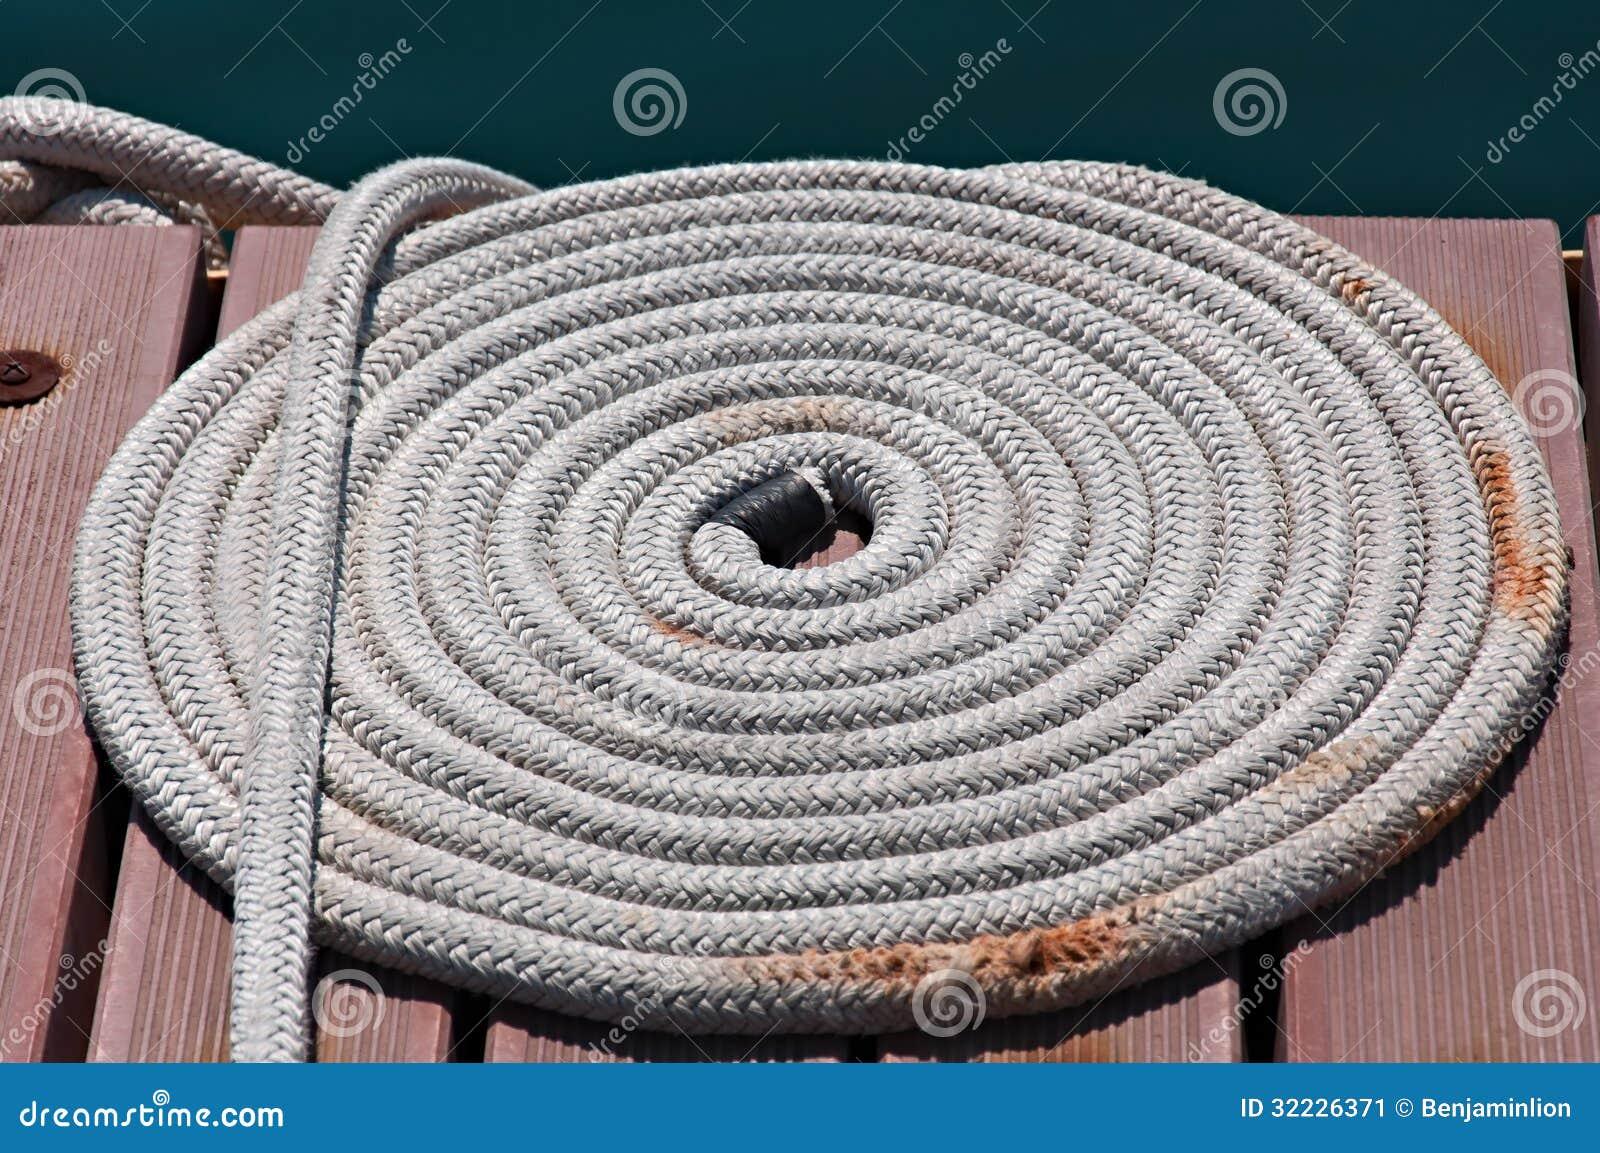 Download Marine Rope imagem de stock. Imagem de barco, neatness - 32226371